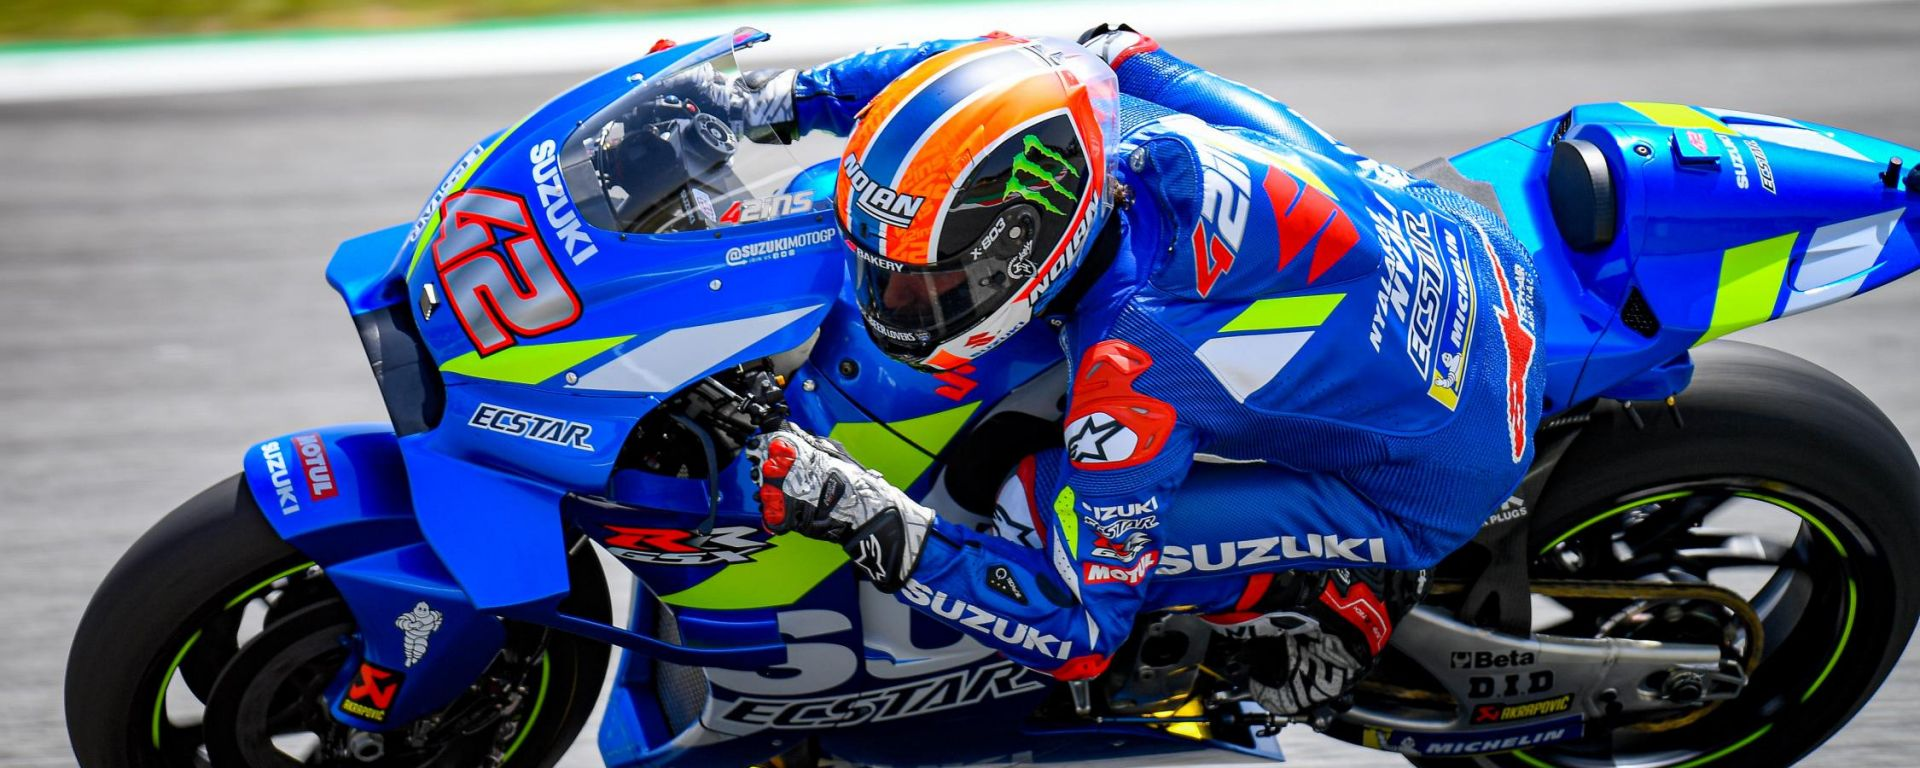 GP Catalunya 2019, Alex Rins (Suzuki)